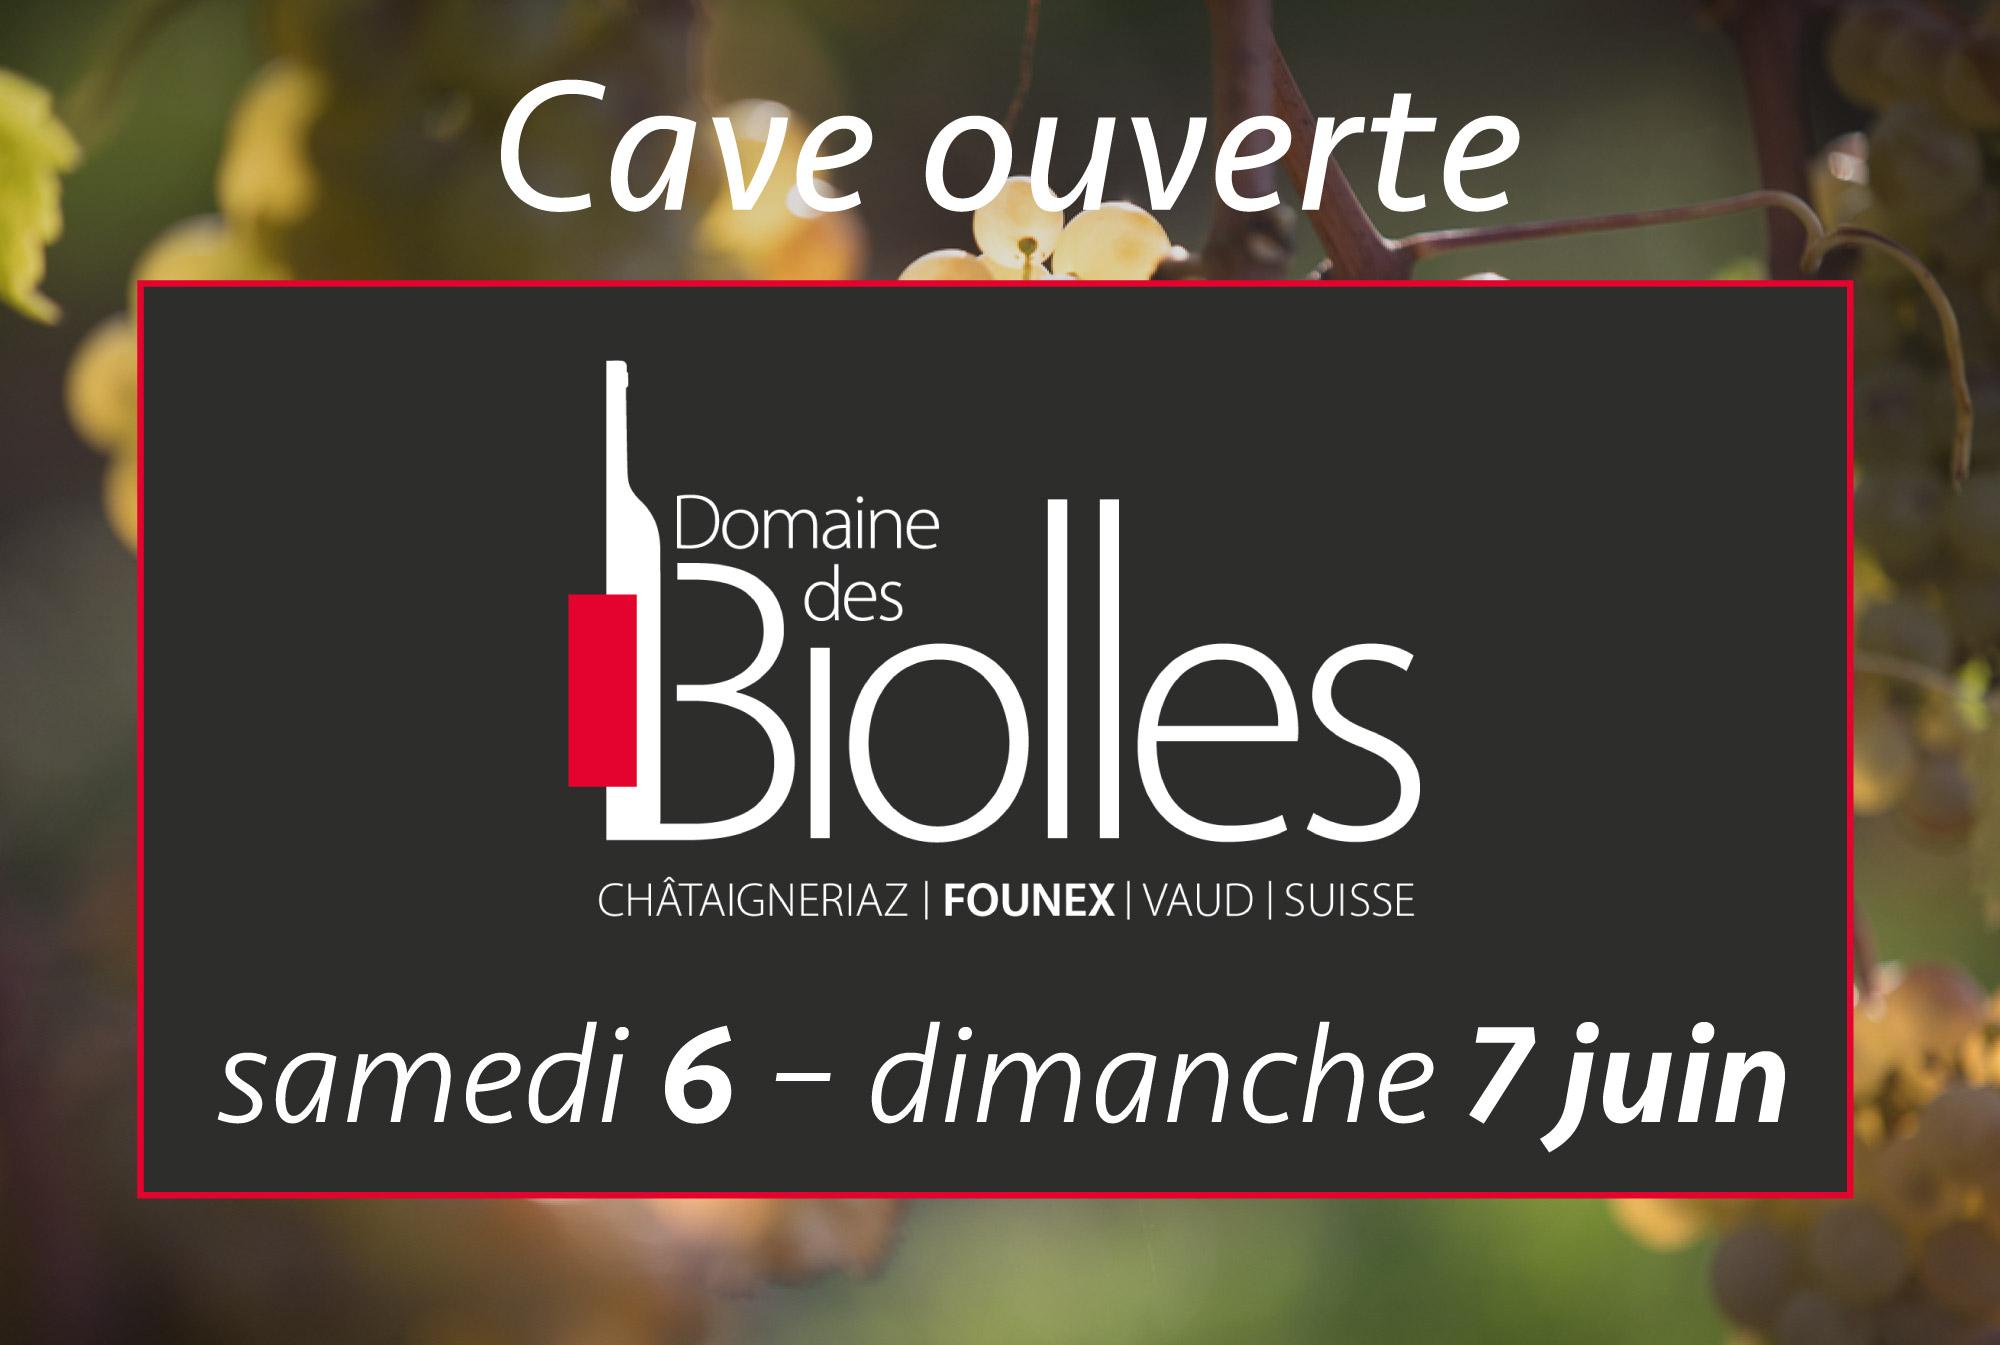 Vin Founex Biolles Cave ouverte